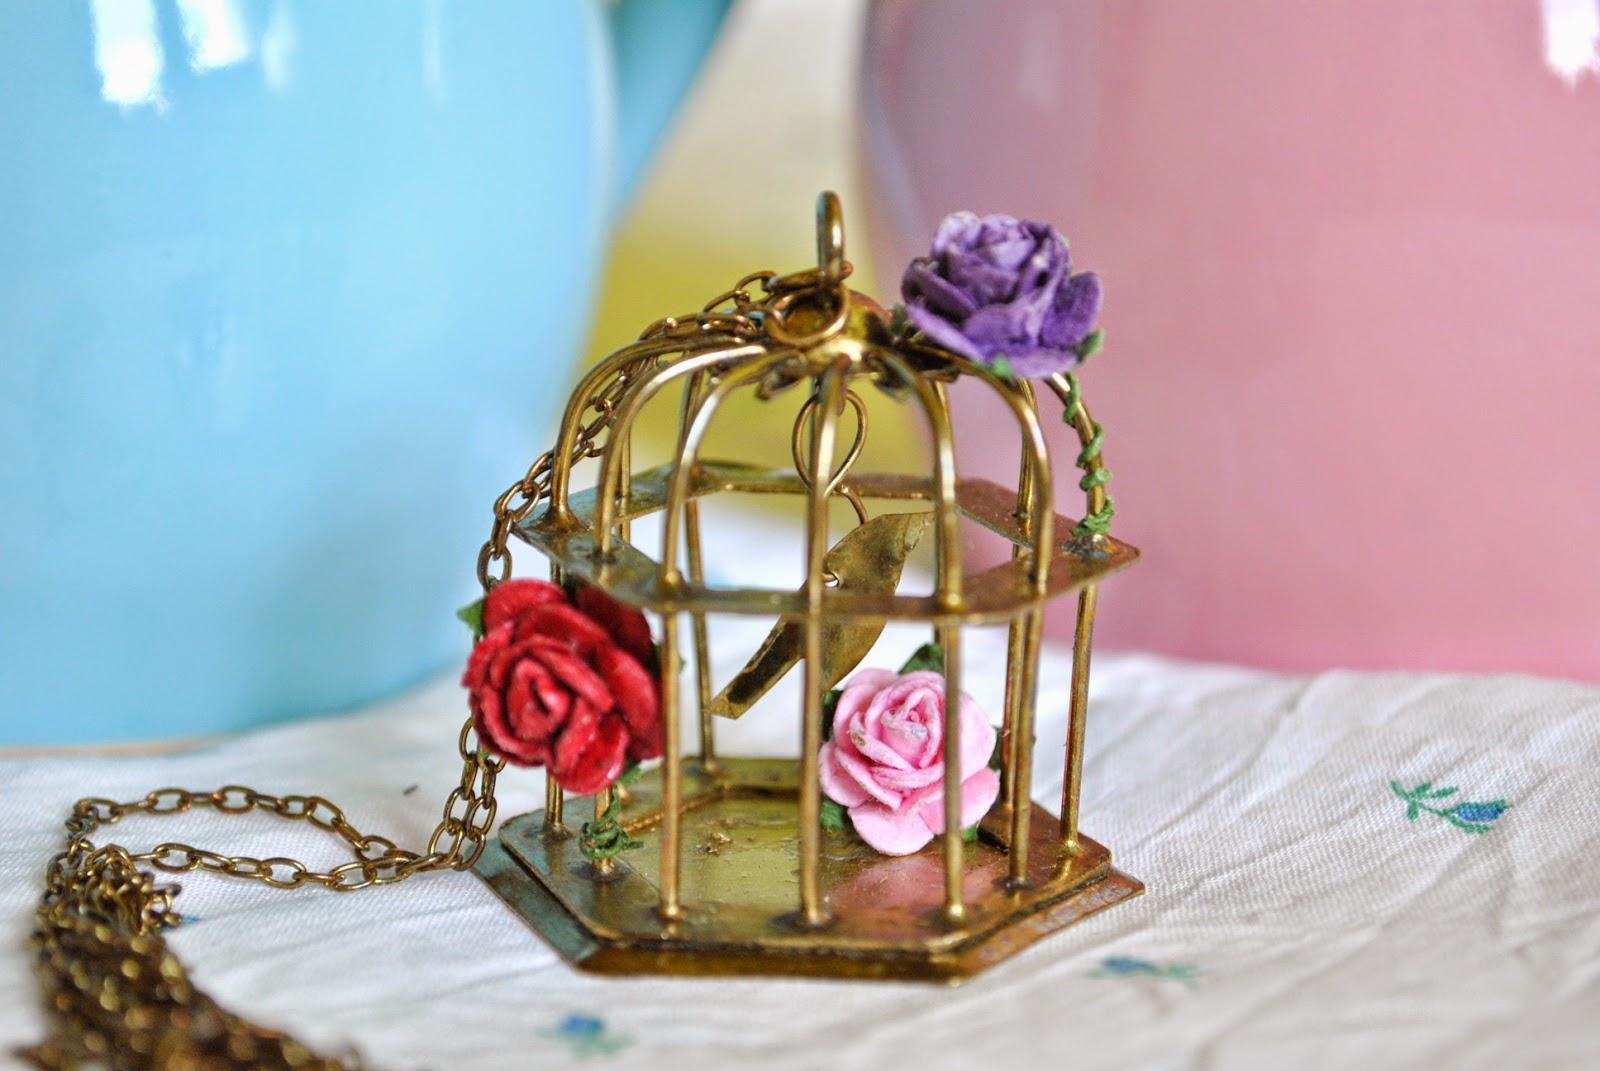 https://www.etsy.com/es/listing/182059934/collar-birdy-jaula-oro-viejo-con-pajaro?ref=shop_home_active_13